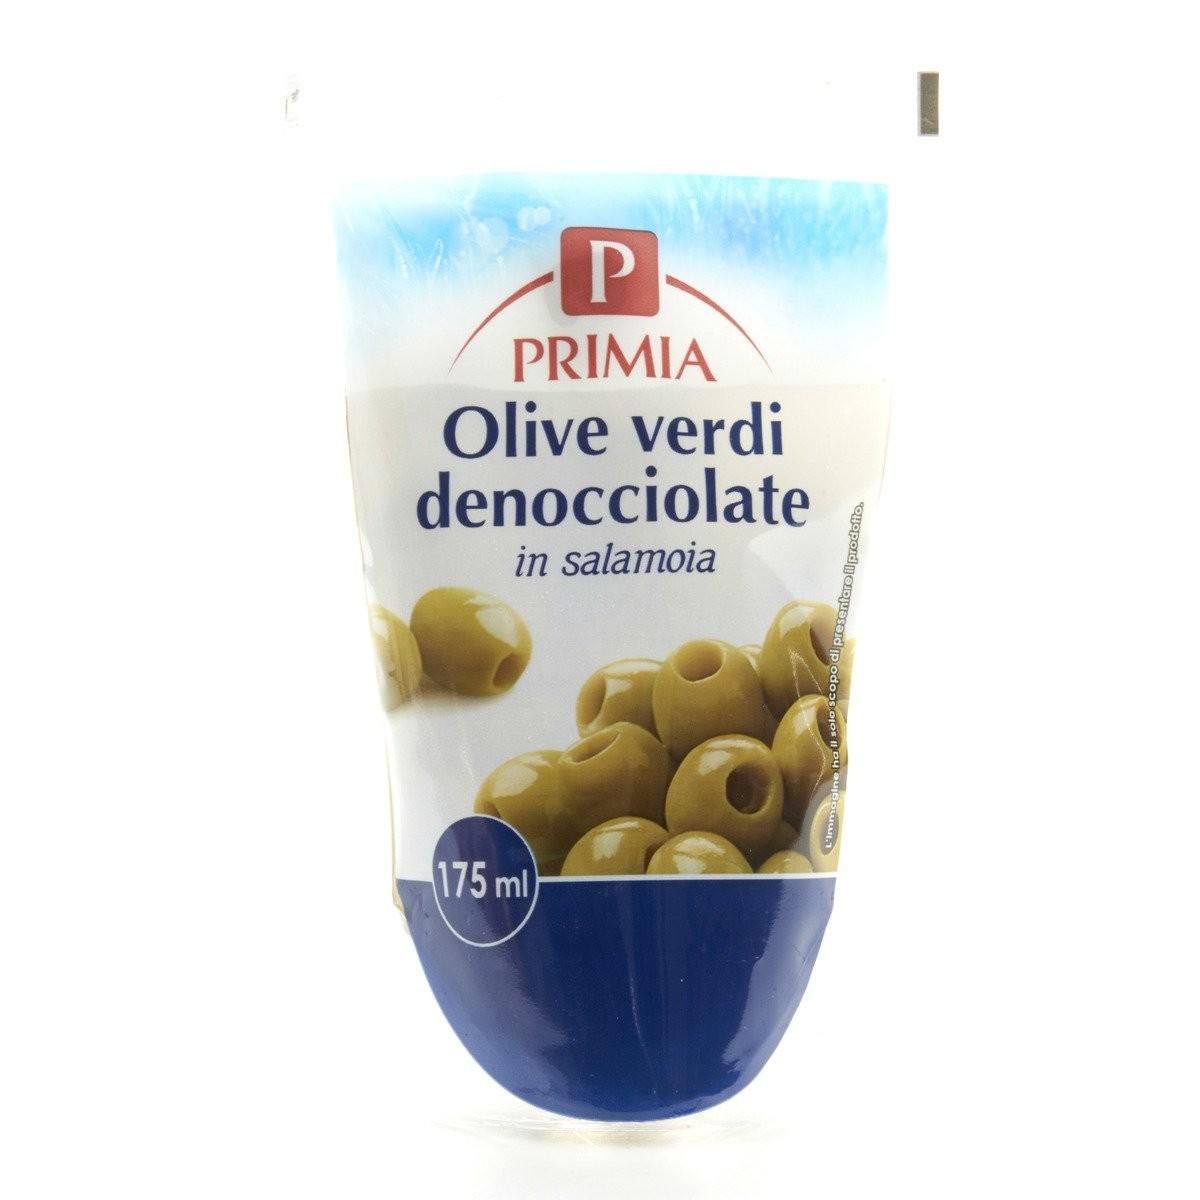 Primia Olive verdi denocciolate in salamoia